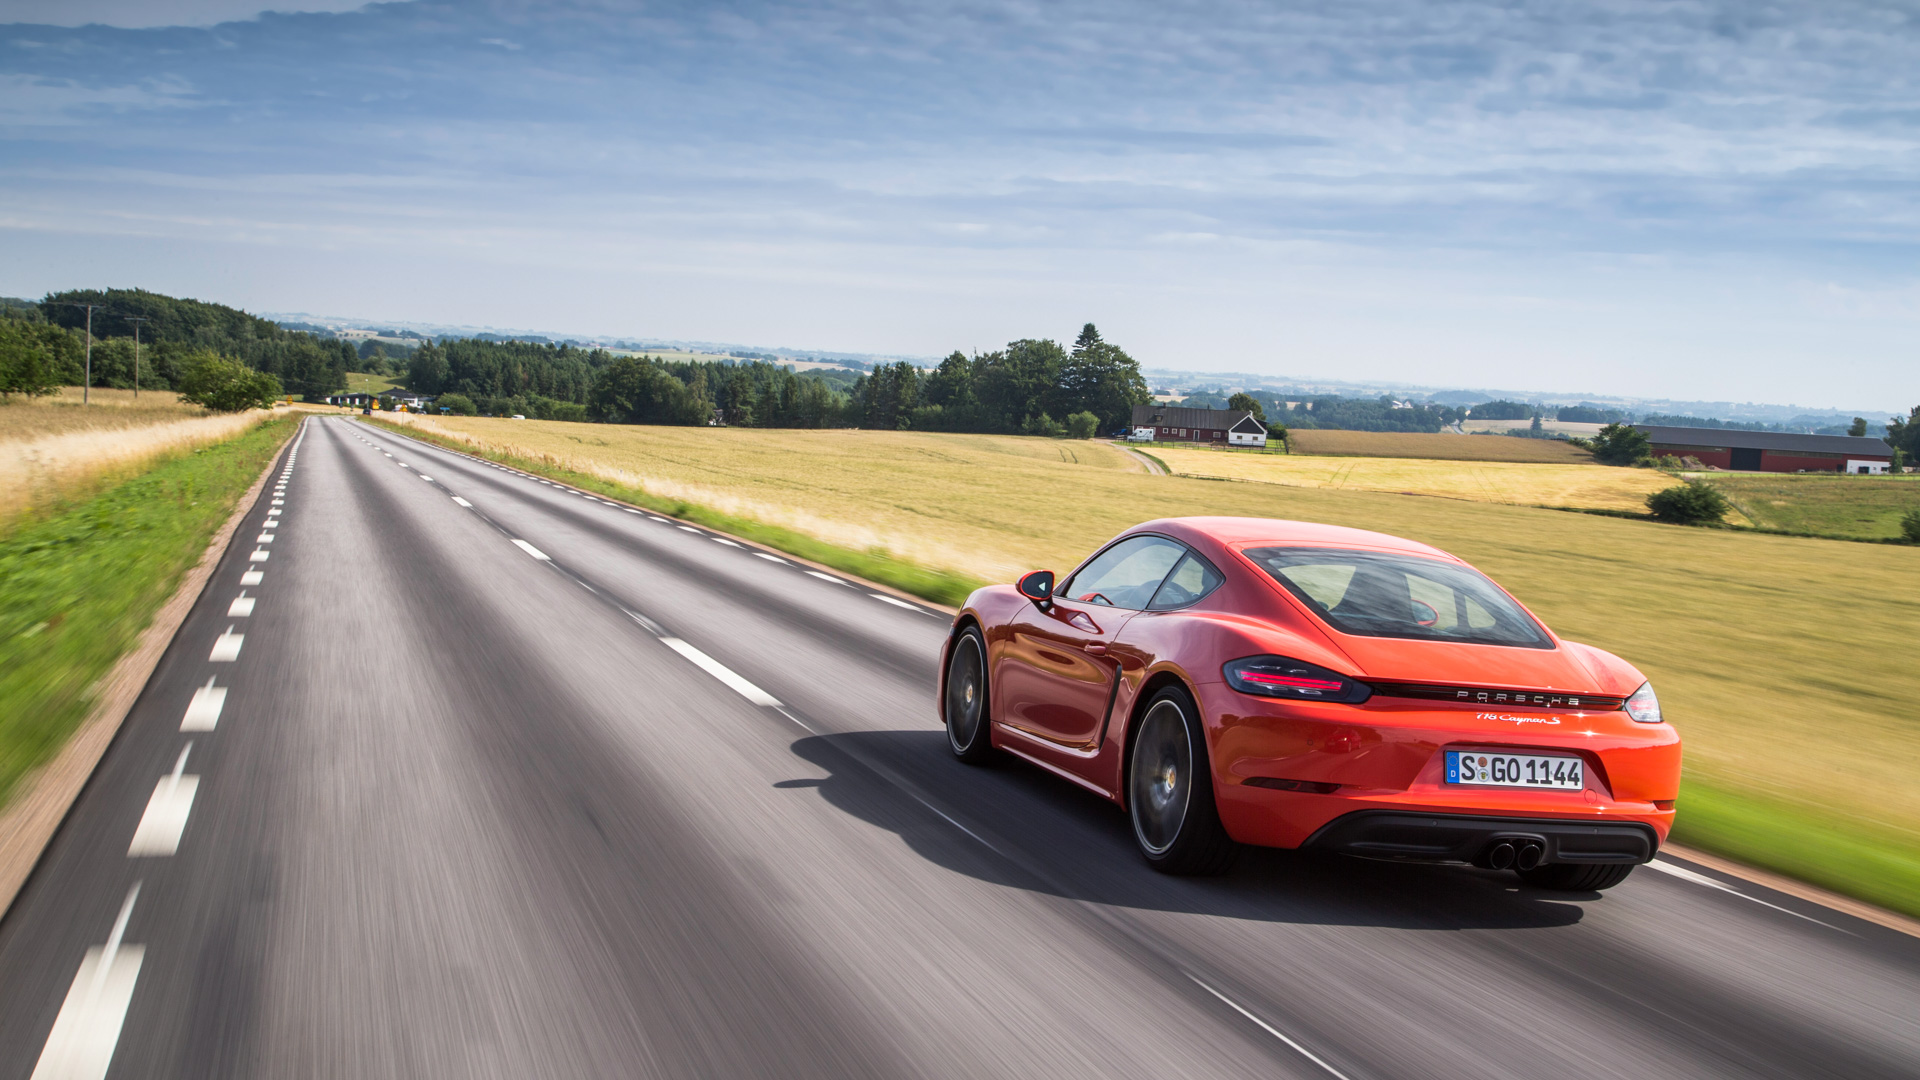 Коротко отом, почему мечты осамом крутом Porsche теперь можно отложить. Фото 2